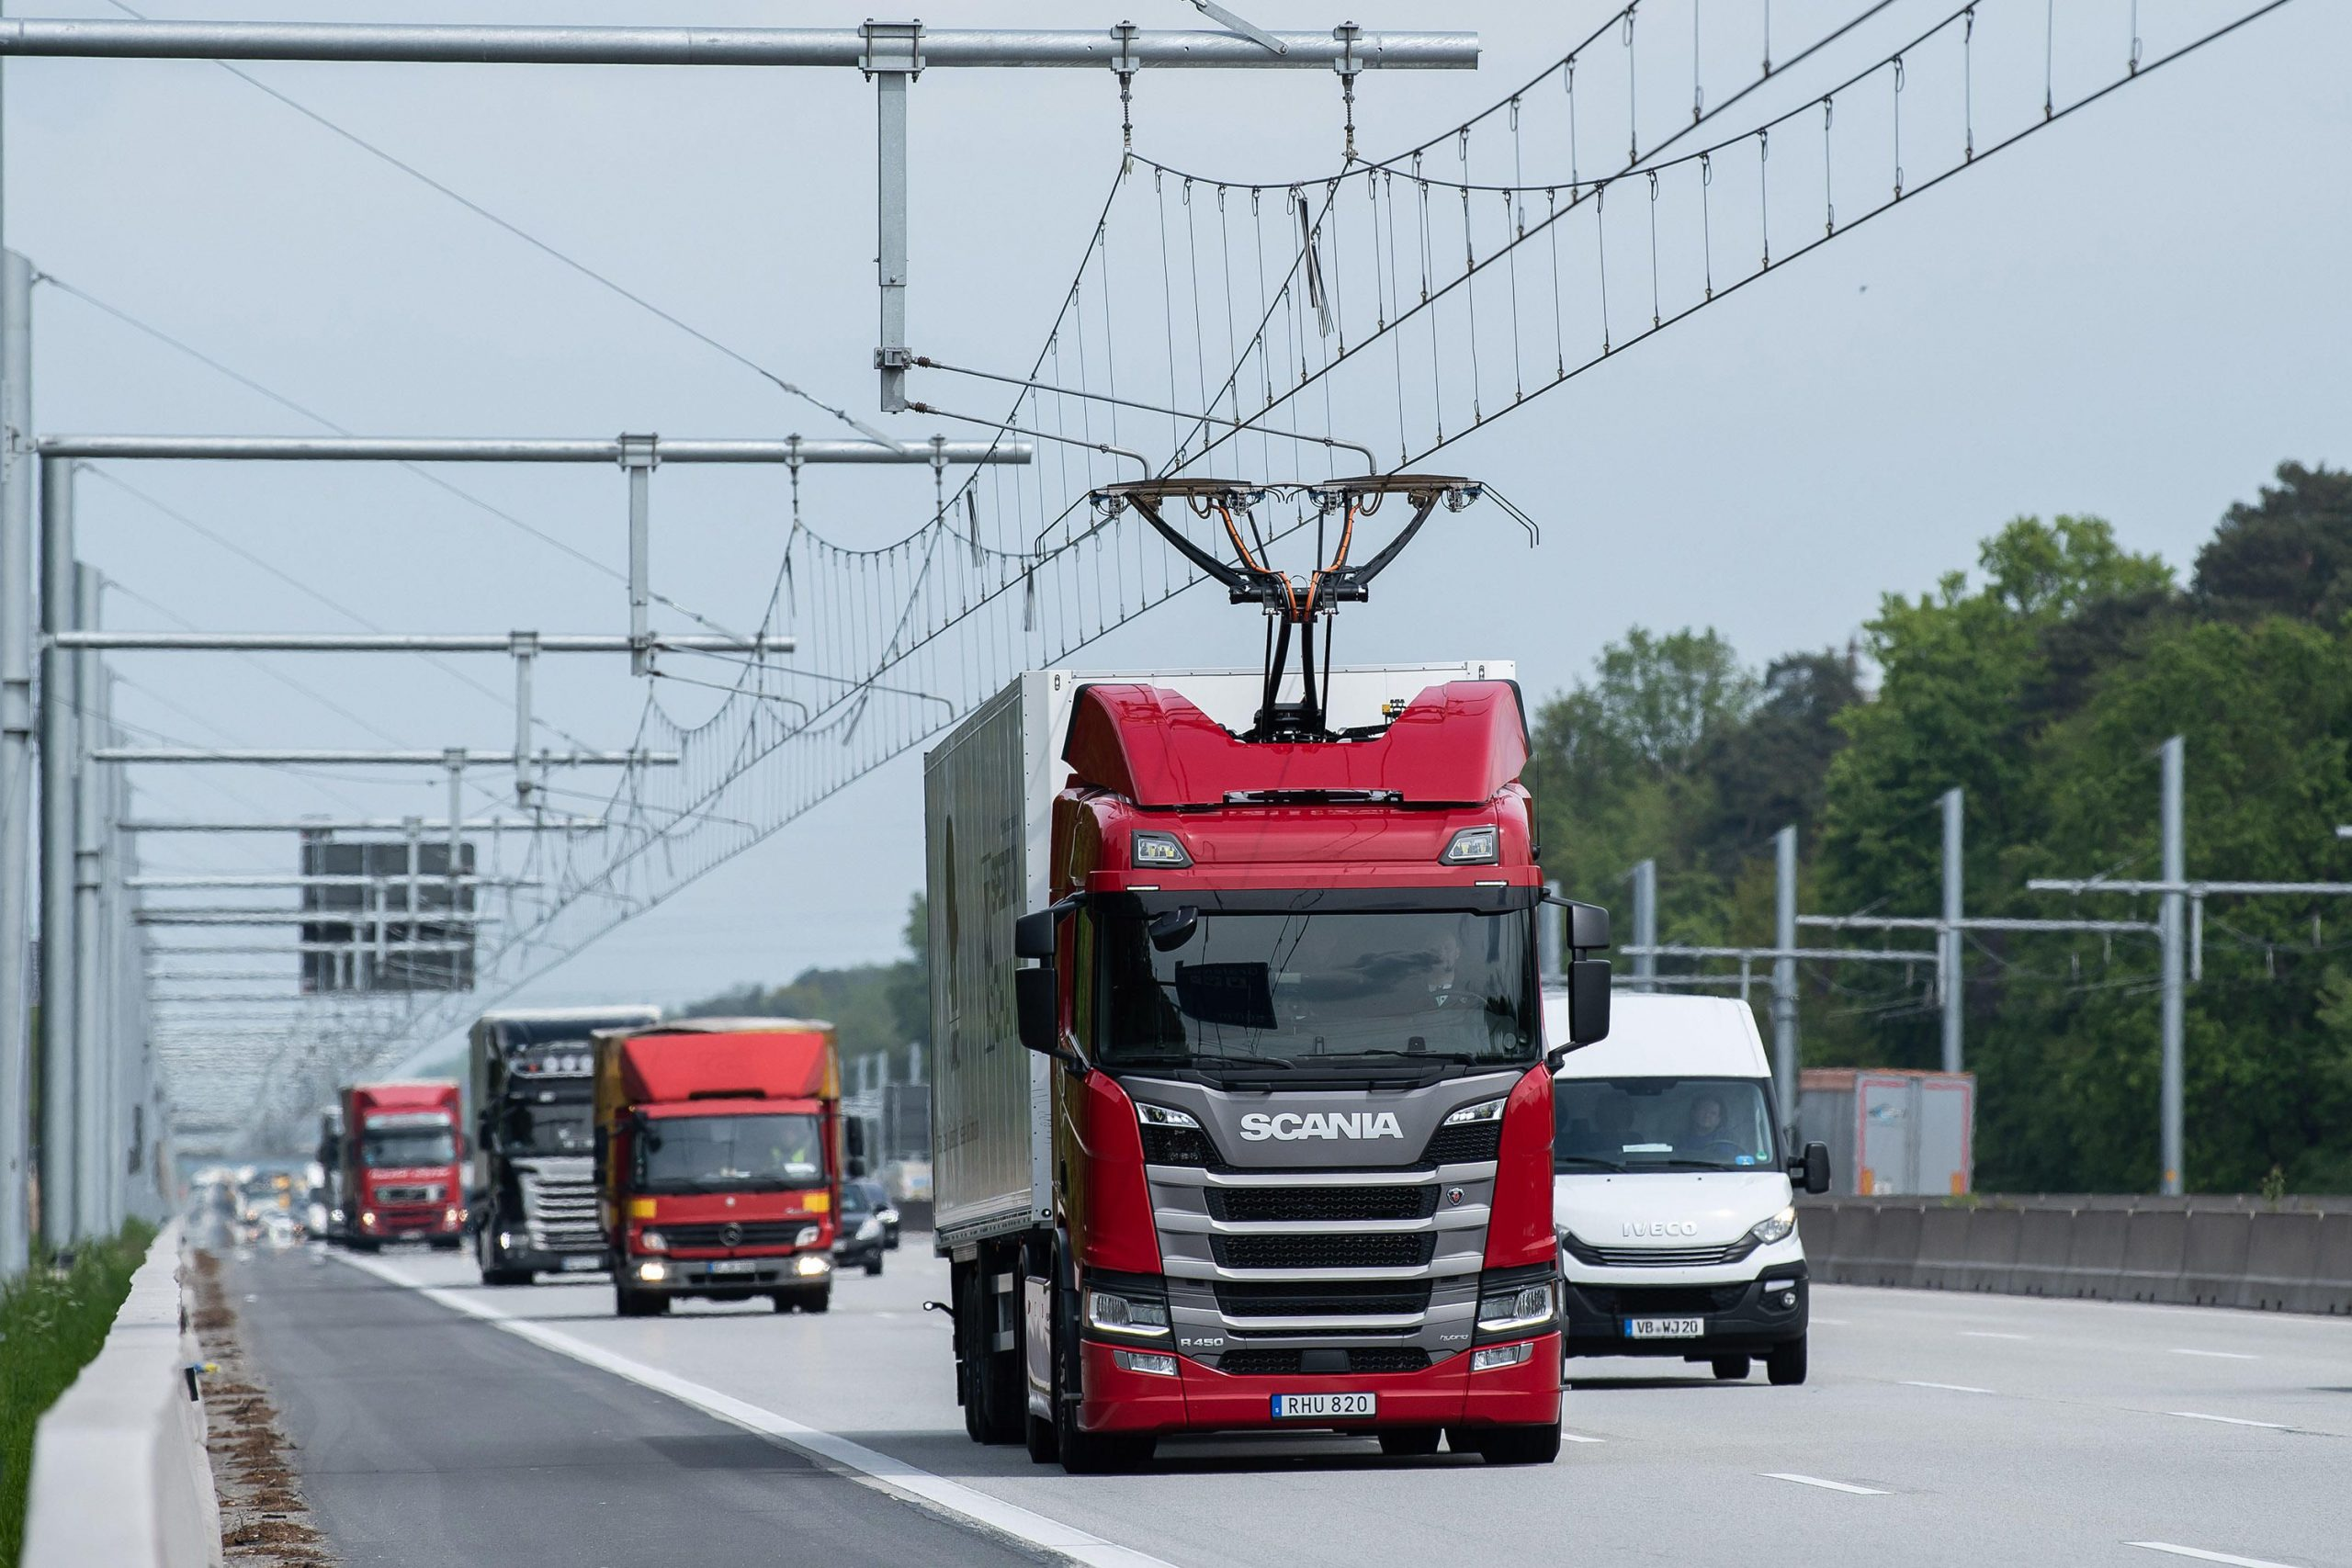 La prima autostrada elettrica: Siemens contribuisce allo sviluppo thumbnail